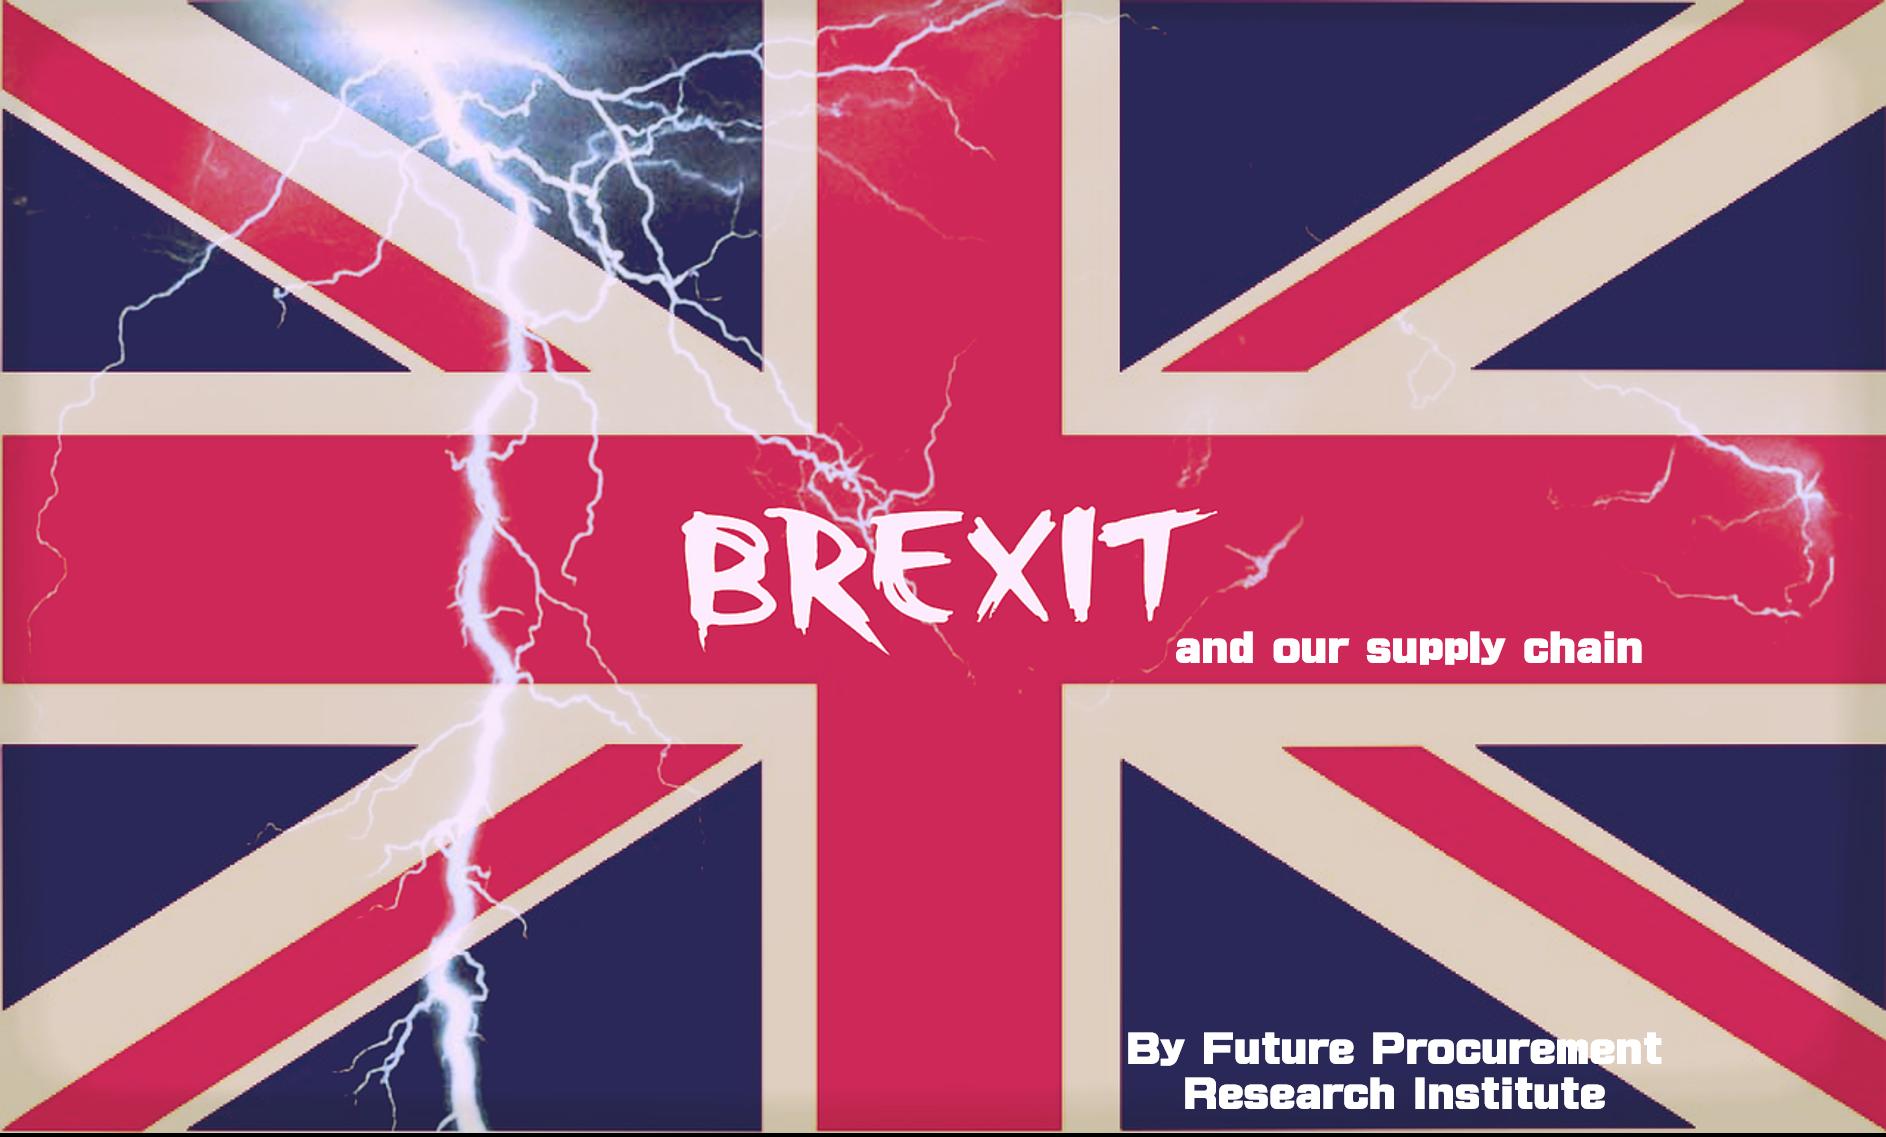 英国EU離脱とサプライチェーンへの影響